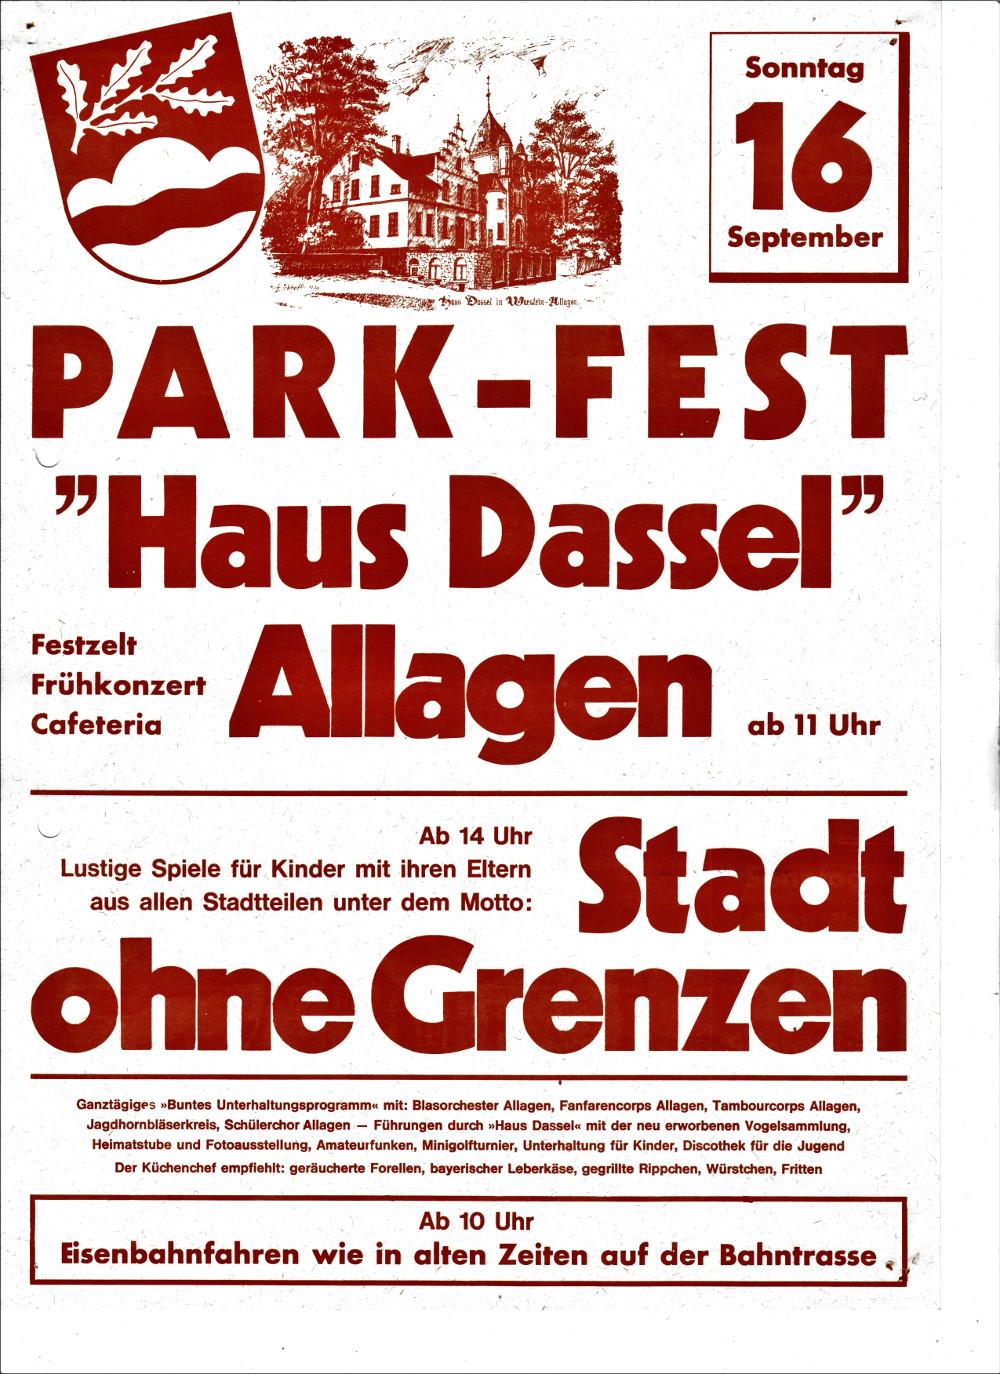 Parkfest_1979